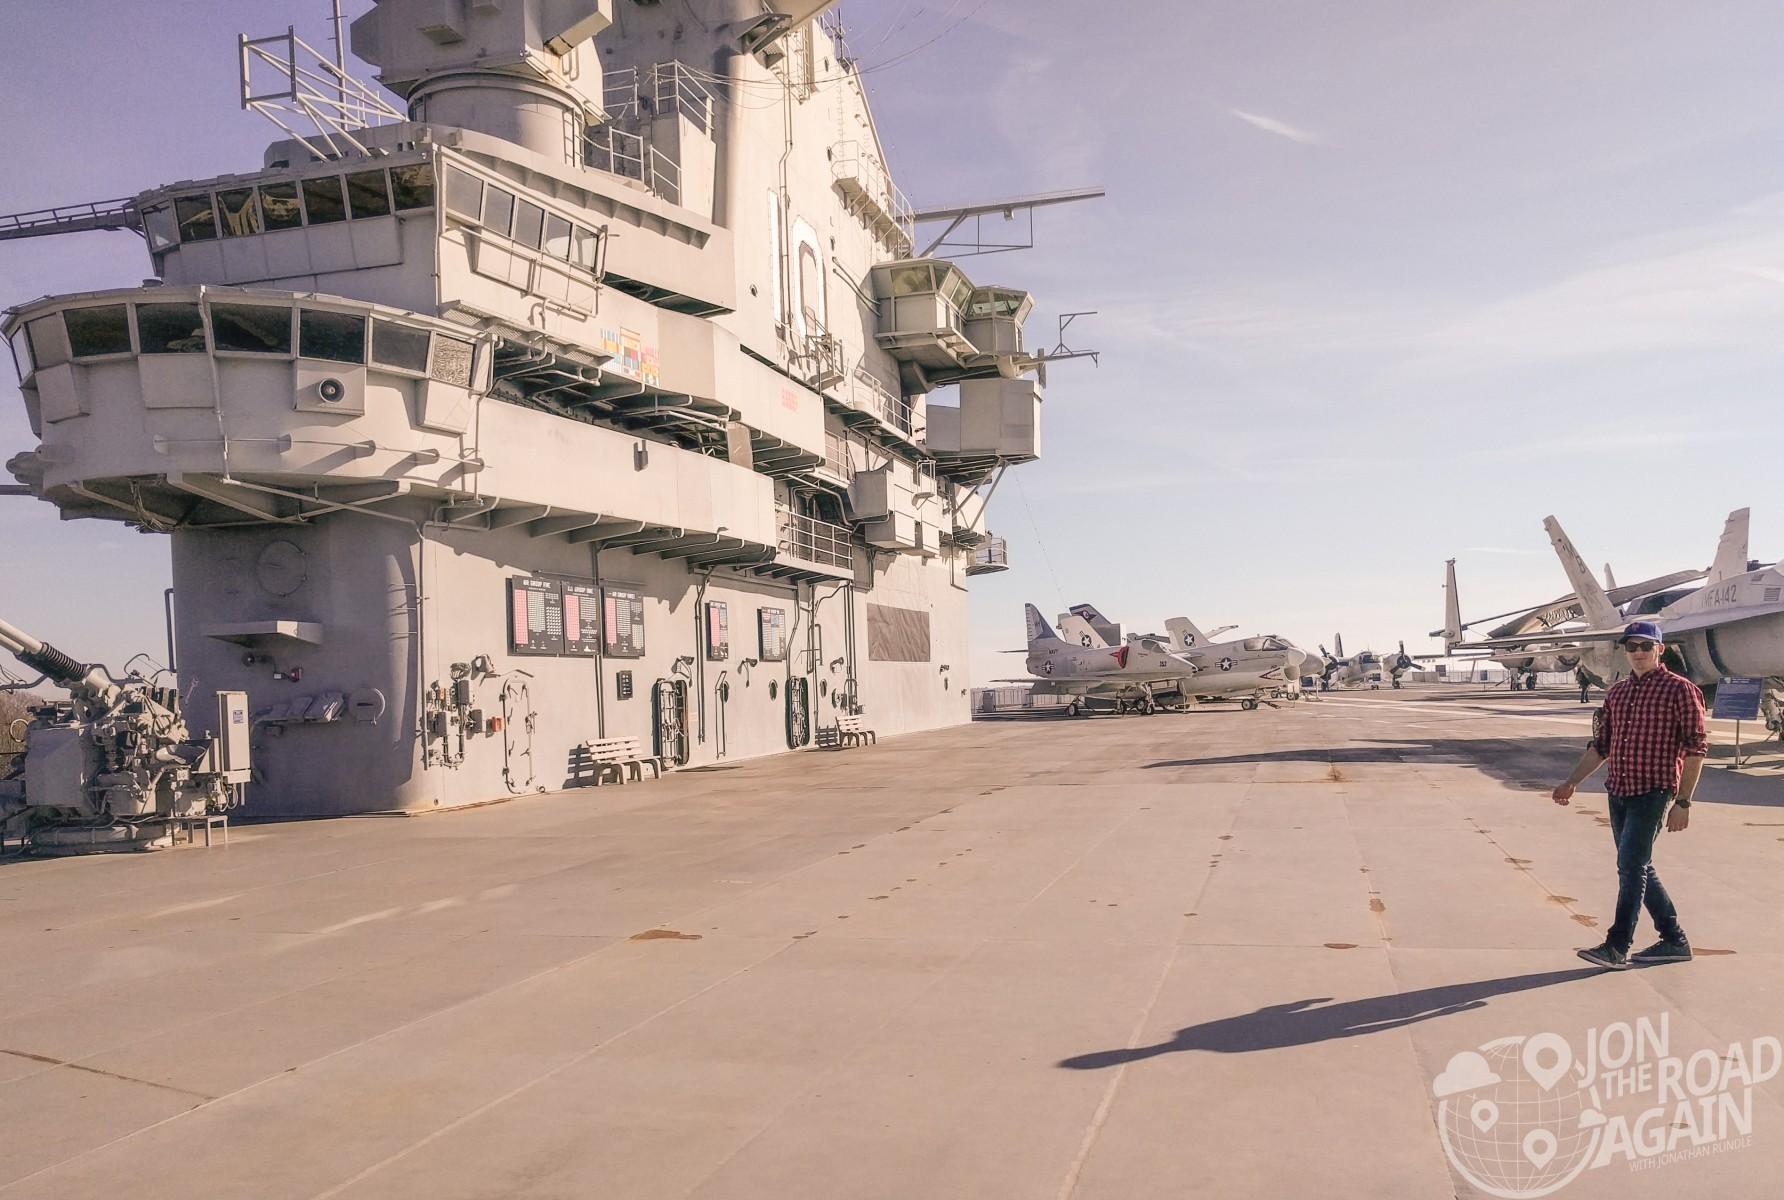 Yorktown deck today